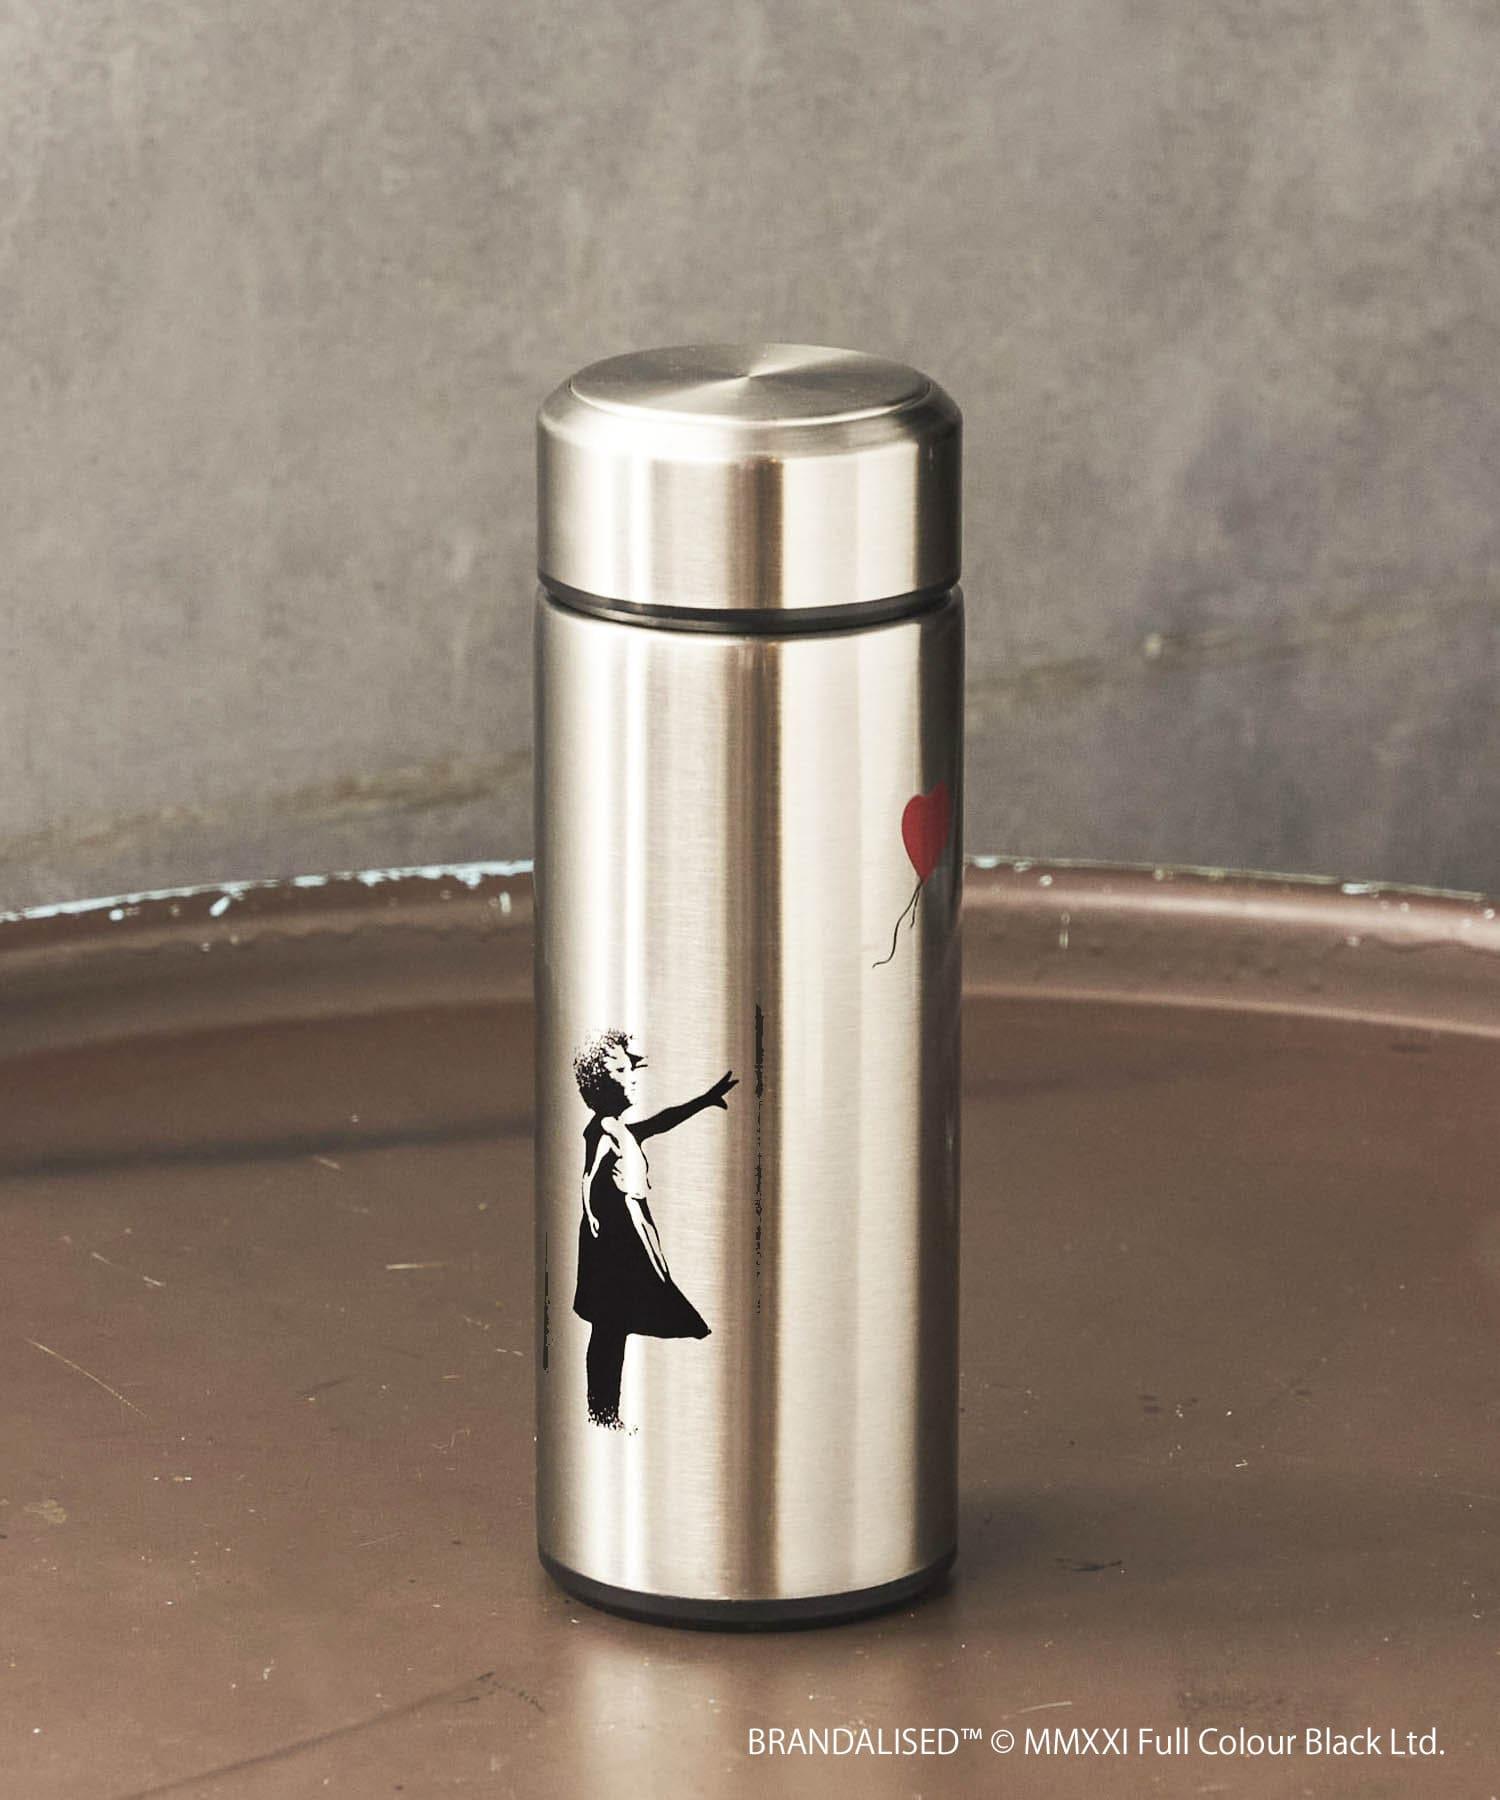 ASOKO(アソコ) ライフスタイル Banksy's Graffiti ステンレスボトル(S) その他